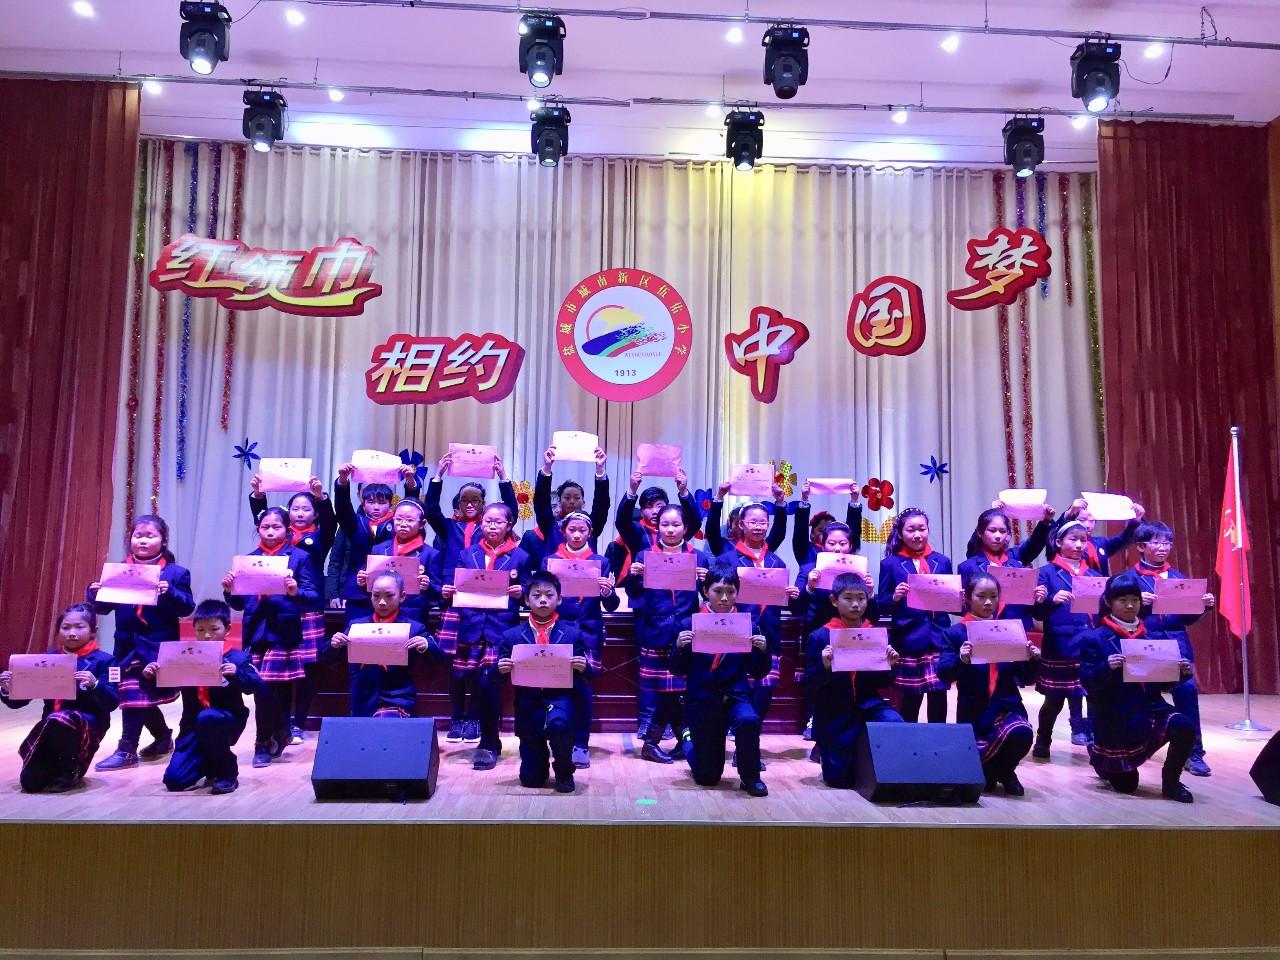 红领巾相约中国梦,争做新时代好少年 ——伍佑小学举行首届少代会